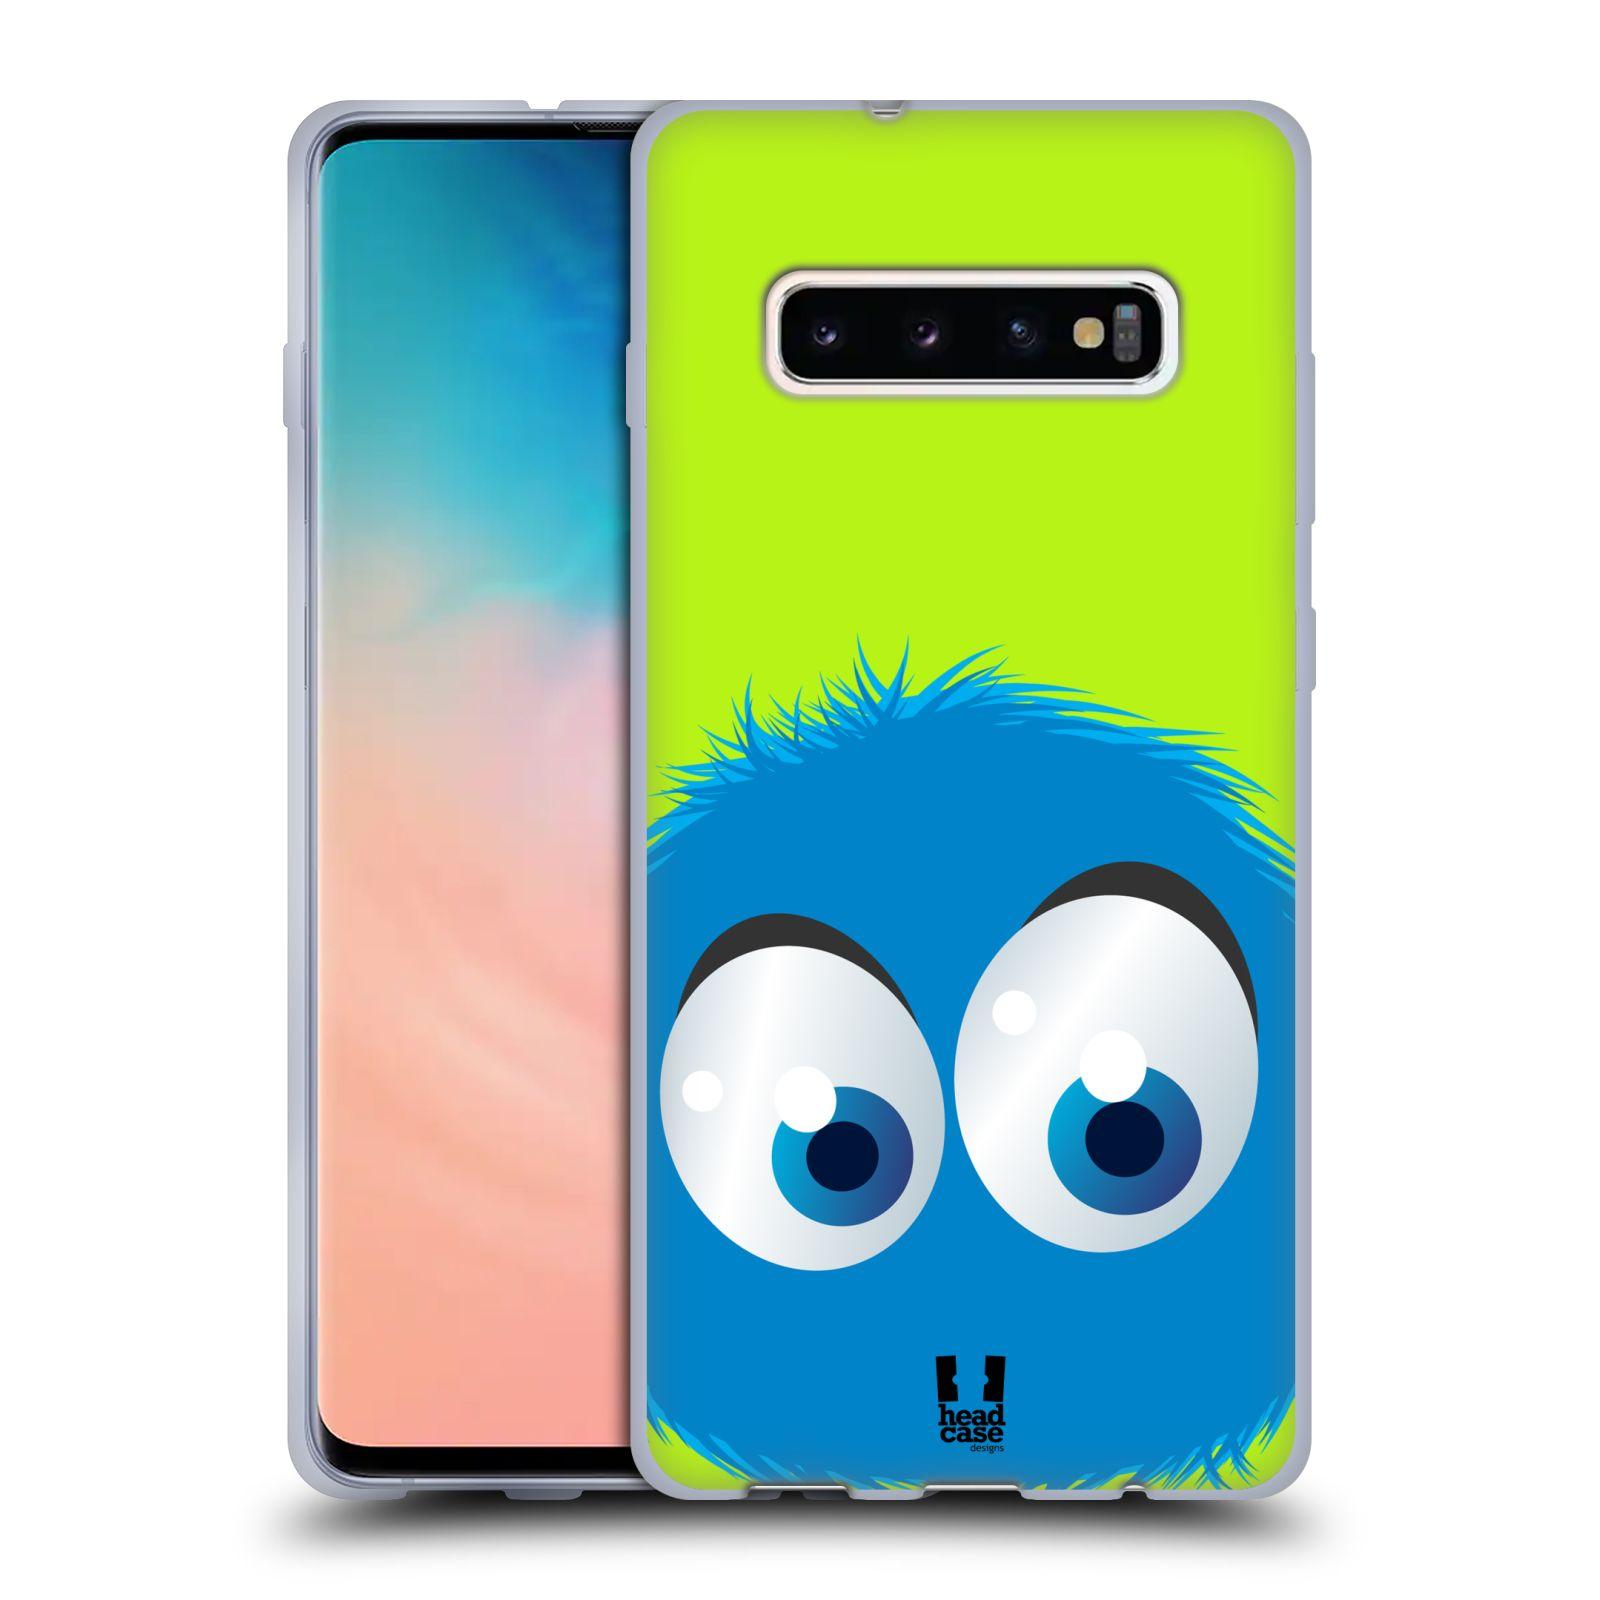 Silikonové pouzdro na mobil Samsung Galaxy S10 Plus - Head Case - FUZÍK MODRÝ (Silikonový kryt, obal, pouzdro na mobilní telefon Samsung Galaxy S10+ SM-G975 s motivem FUZÍK MODRÝ)